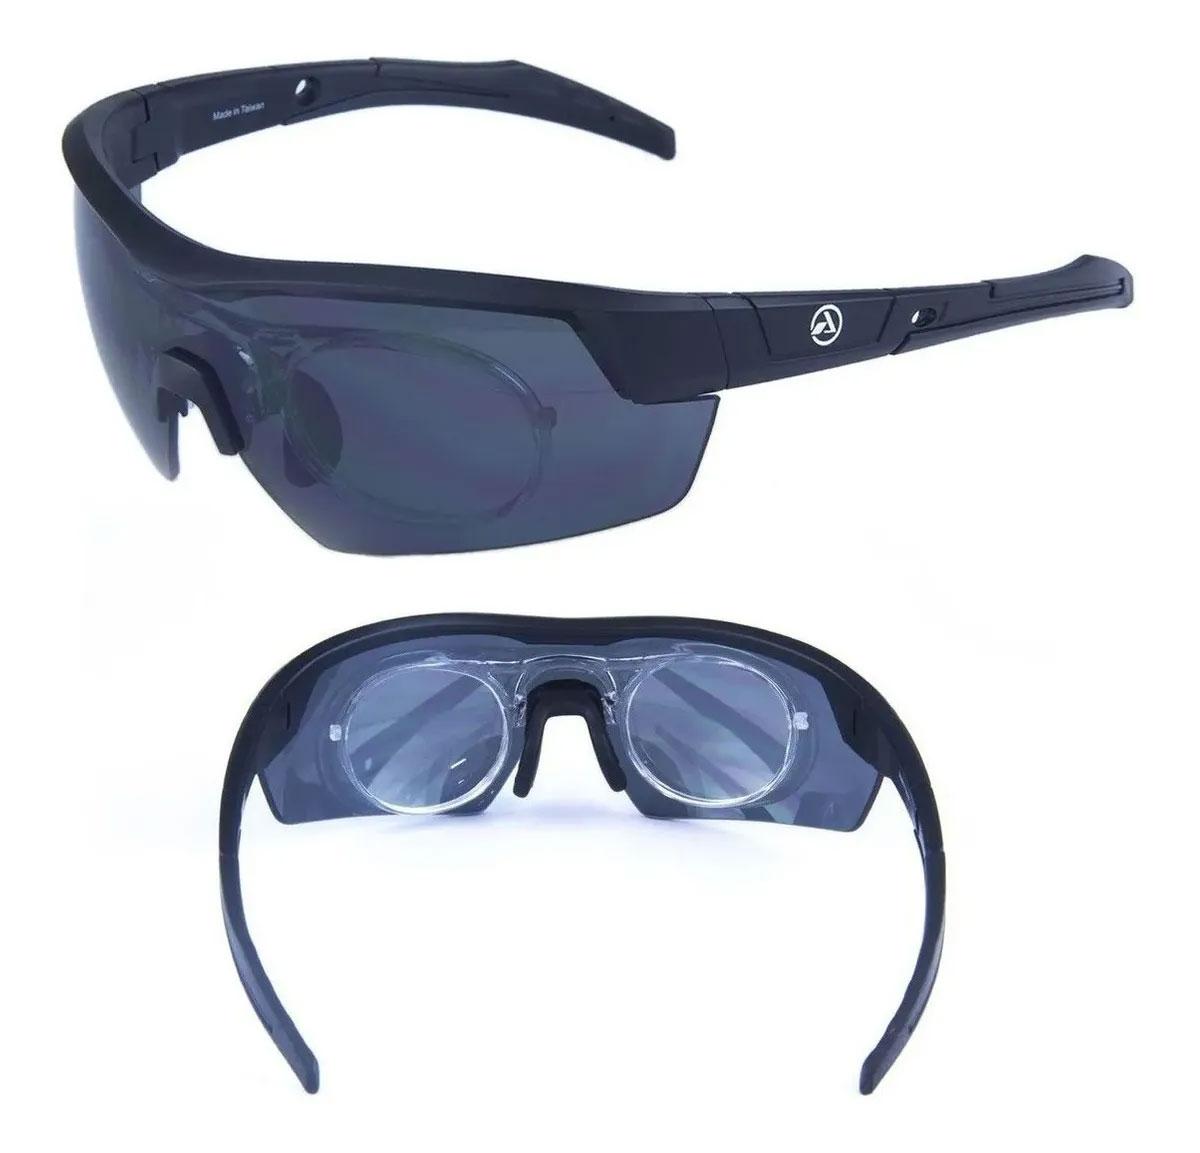 Óculos Absolute Race Rx Preto Lente Cinza Compatível Rx Clip